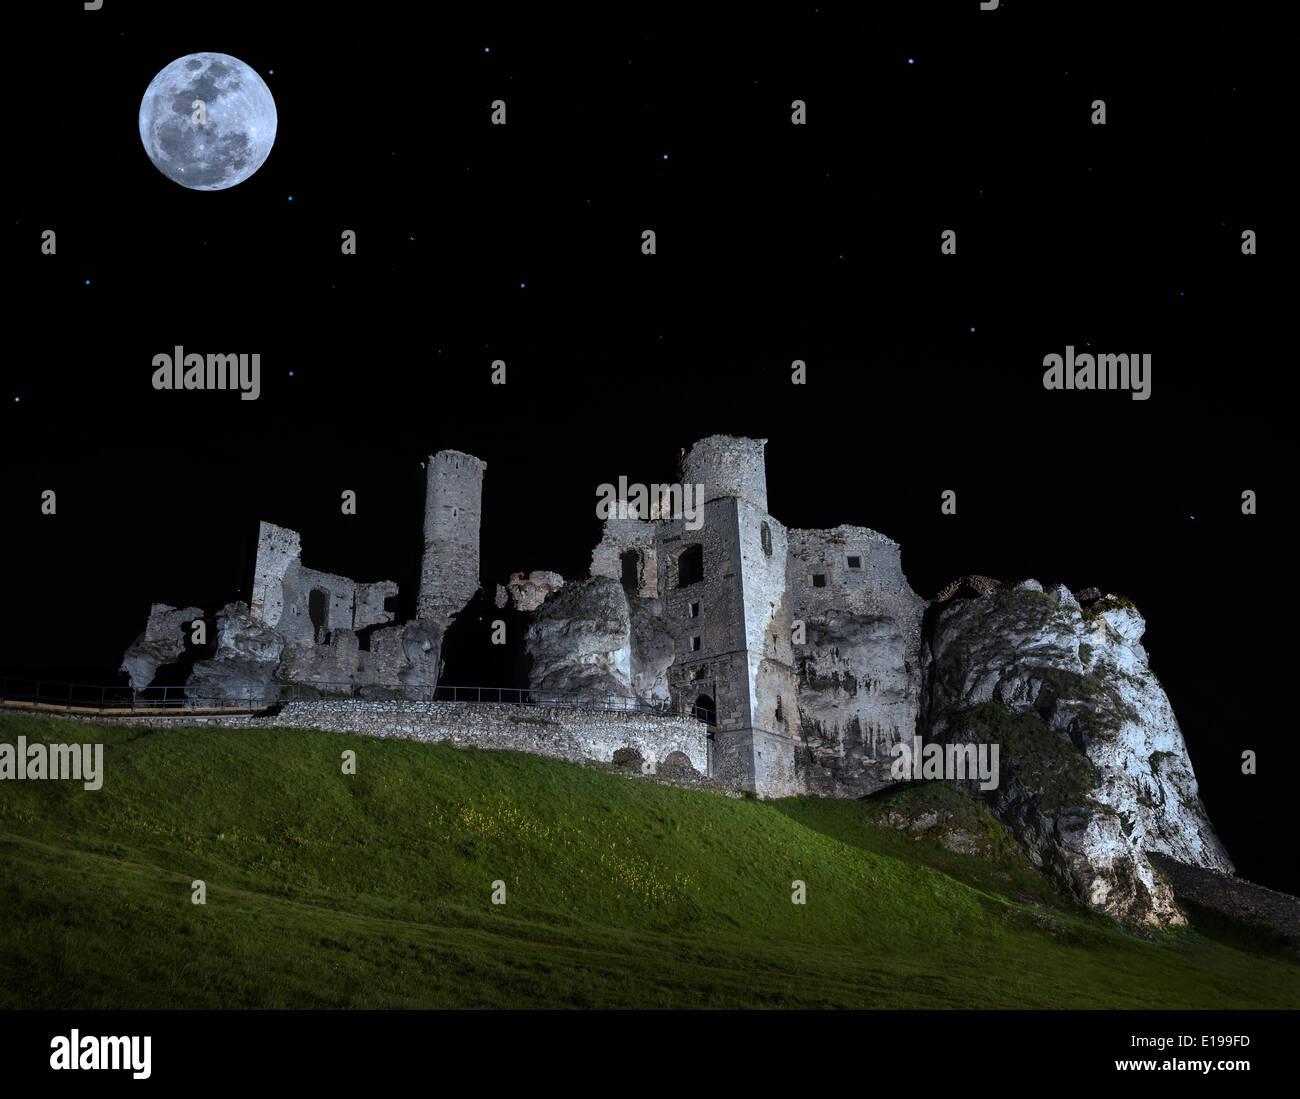 Vollmond über Ruinen der Burg, Ogrodzieniec, Polen. Stockbild